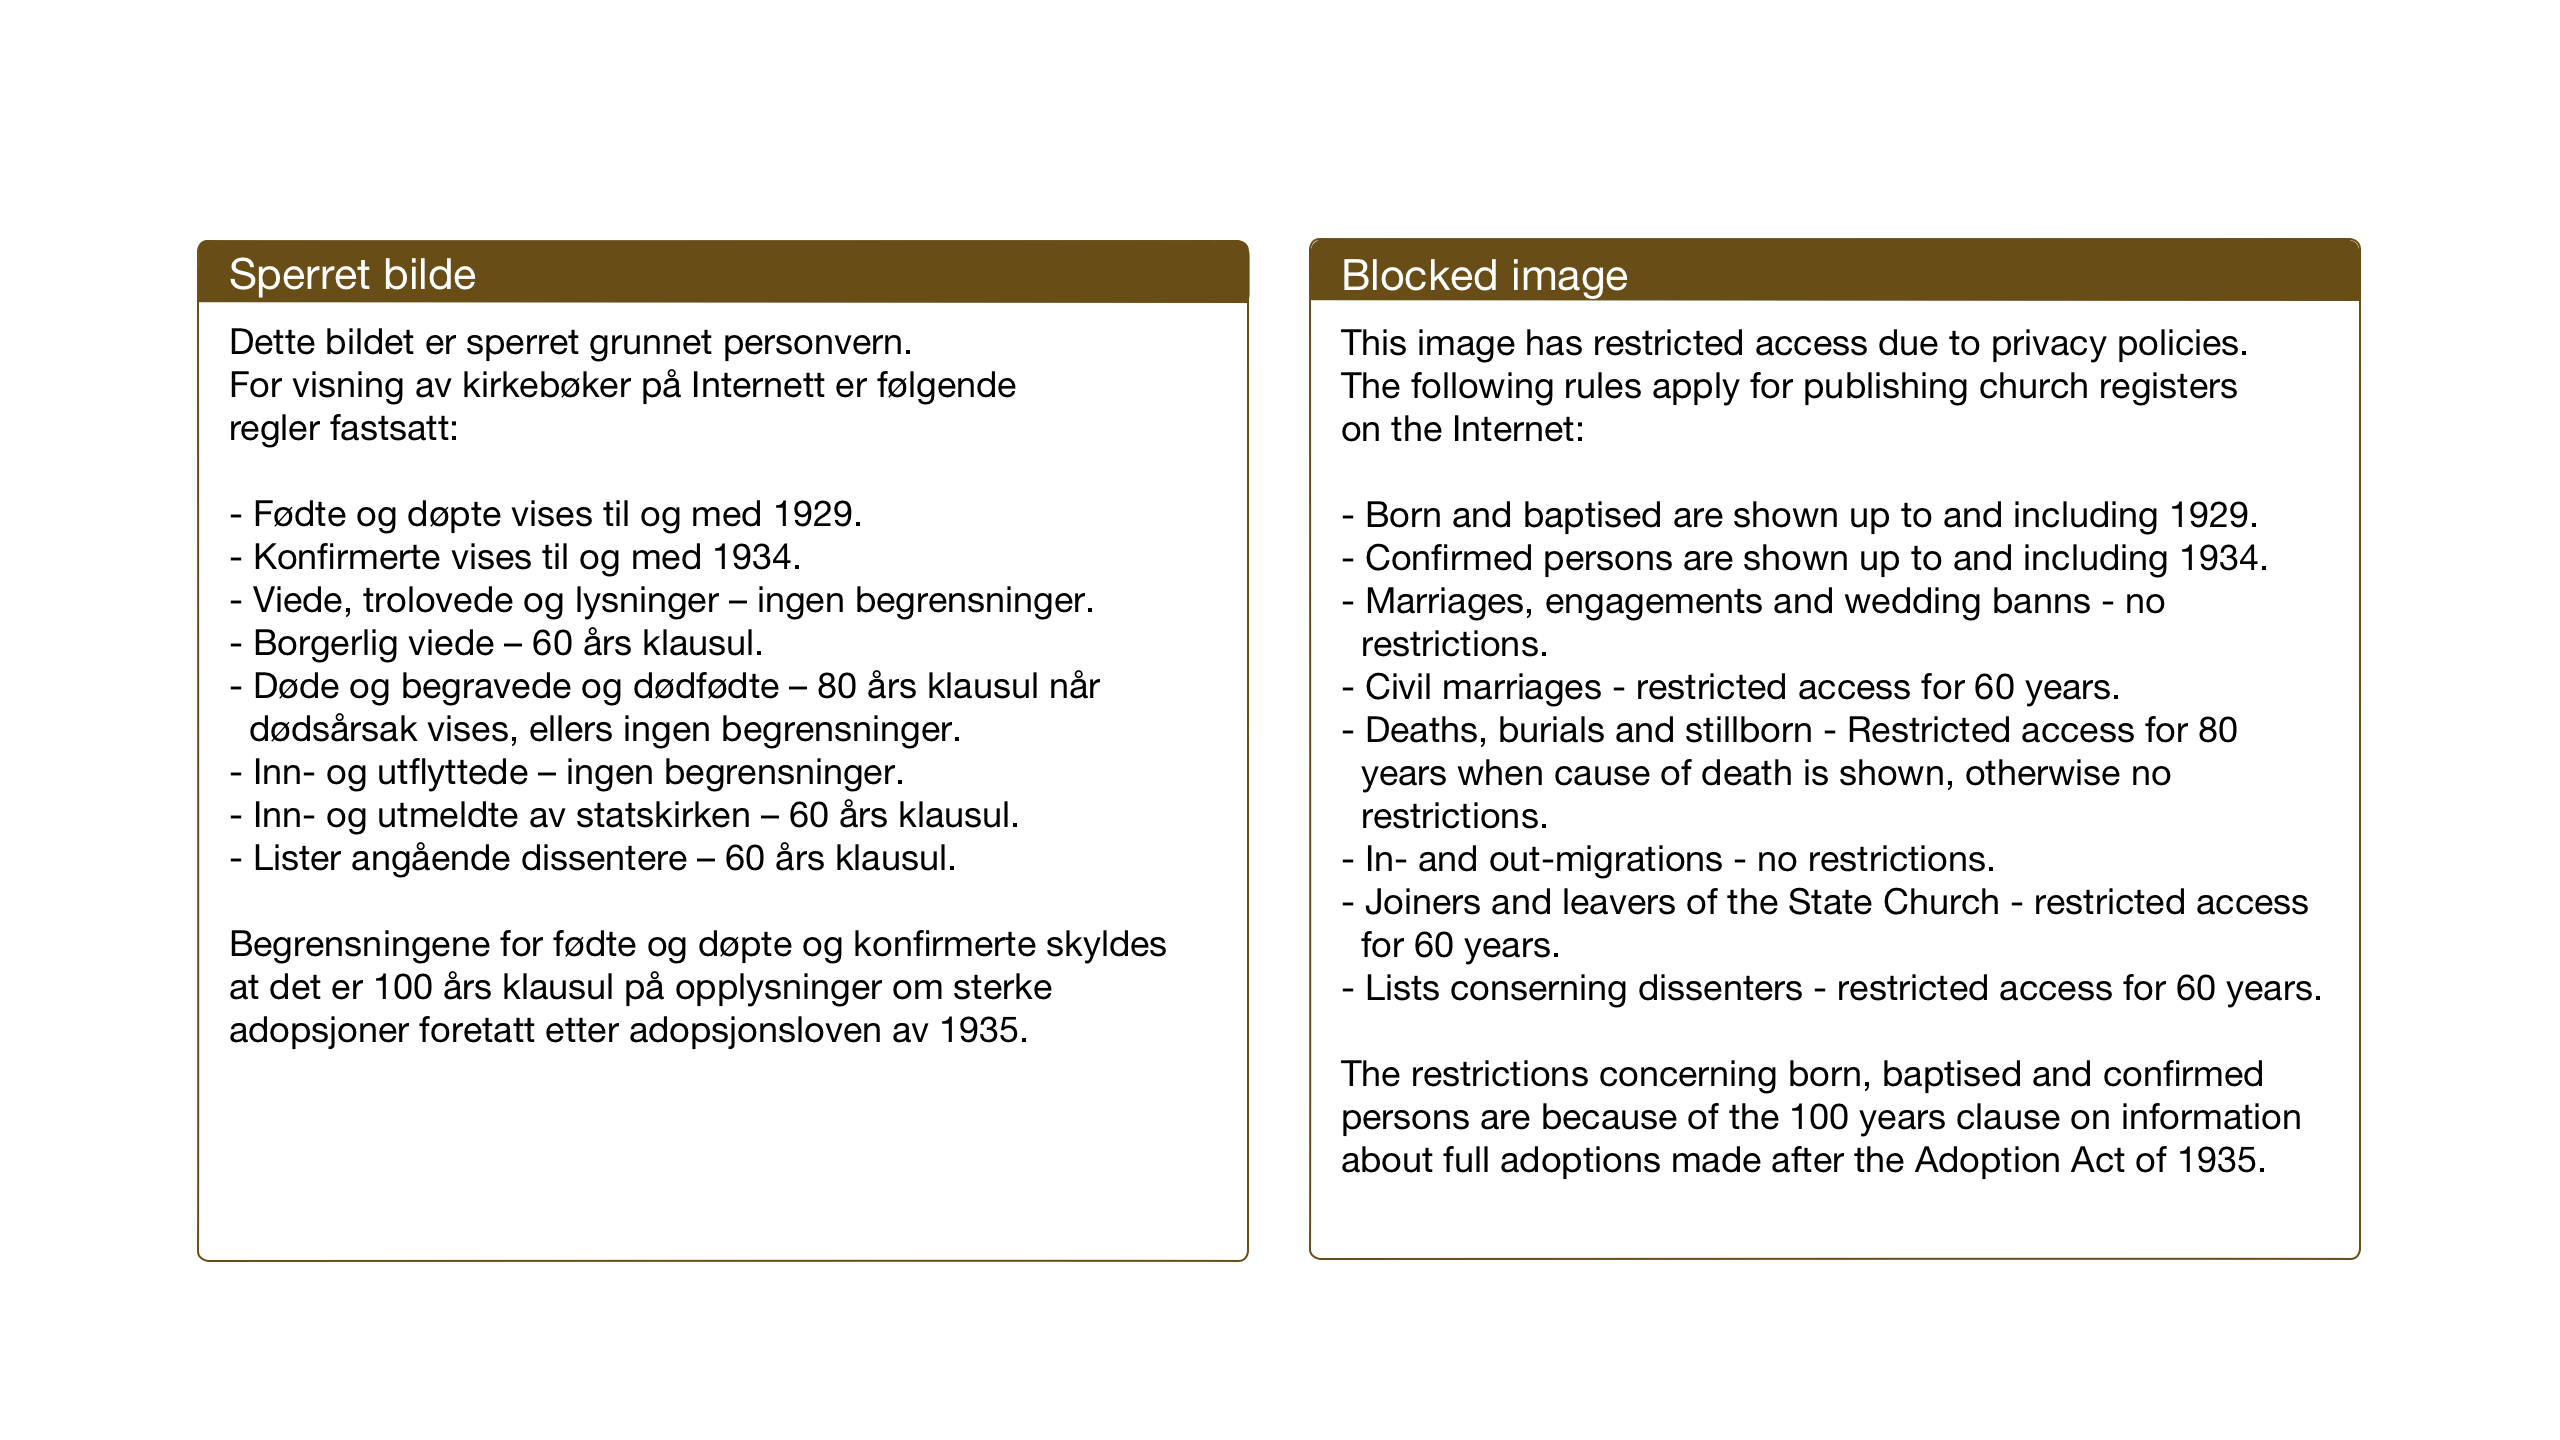 SAT, Ministerialprotokoller, klokkerbøker og fødselsregistre - Sør-Trøndelag, 607/L0327: Klokkerbok nr. 607C01, 1930-1939, s. 106